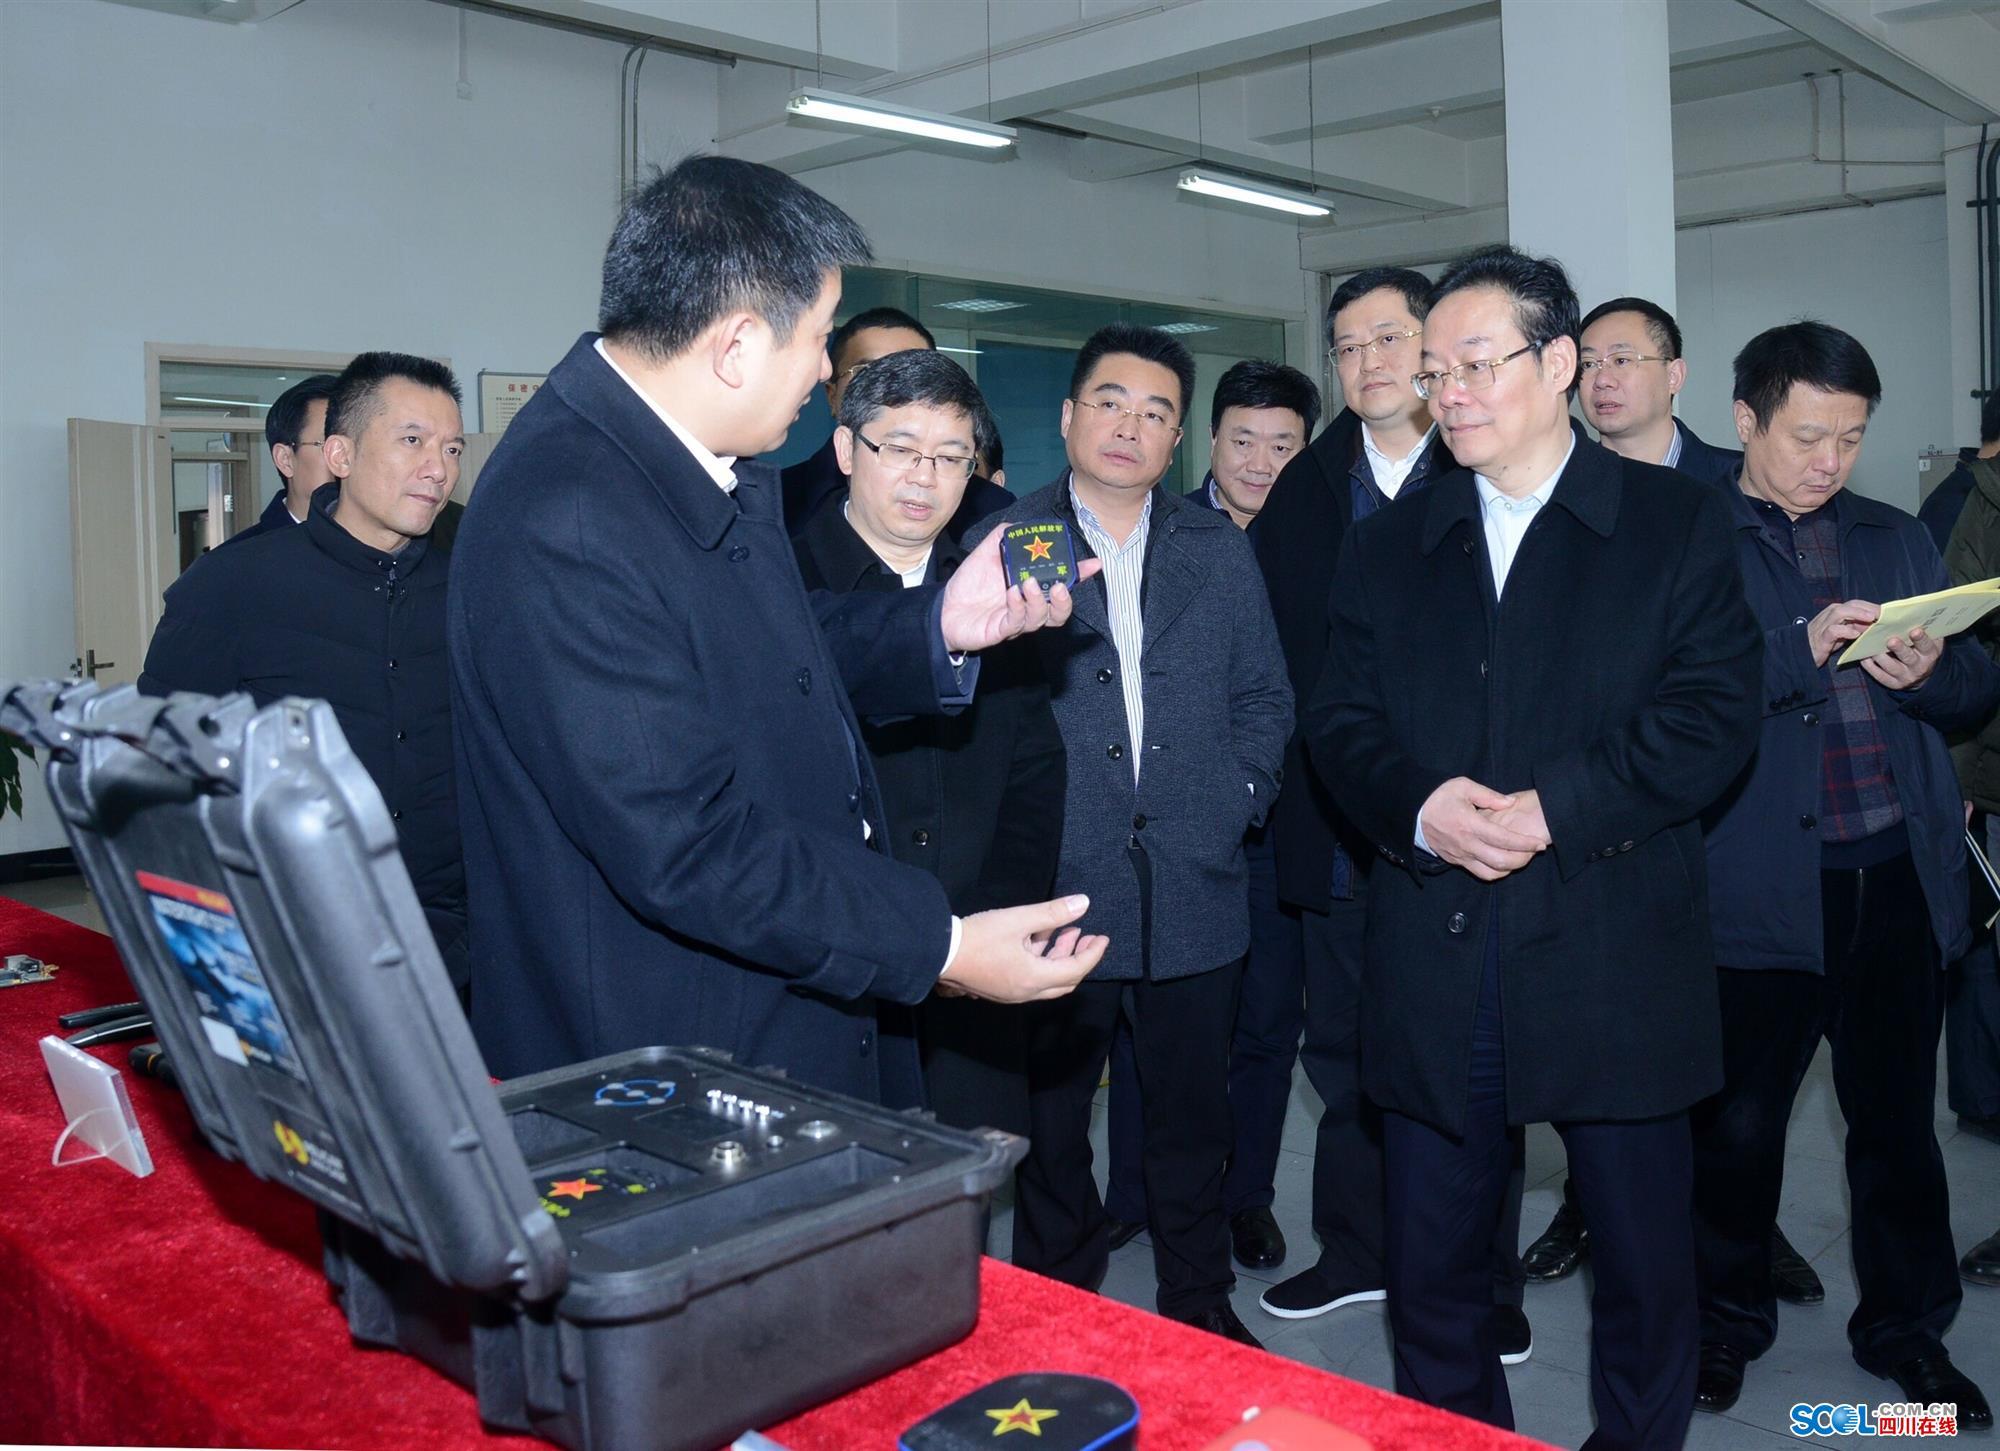 图为侯书记一行在西安航光卫星测控技术有限公司考察.张飞/摄图片